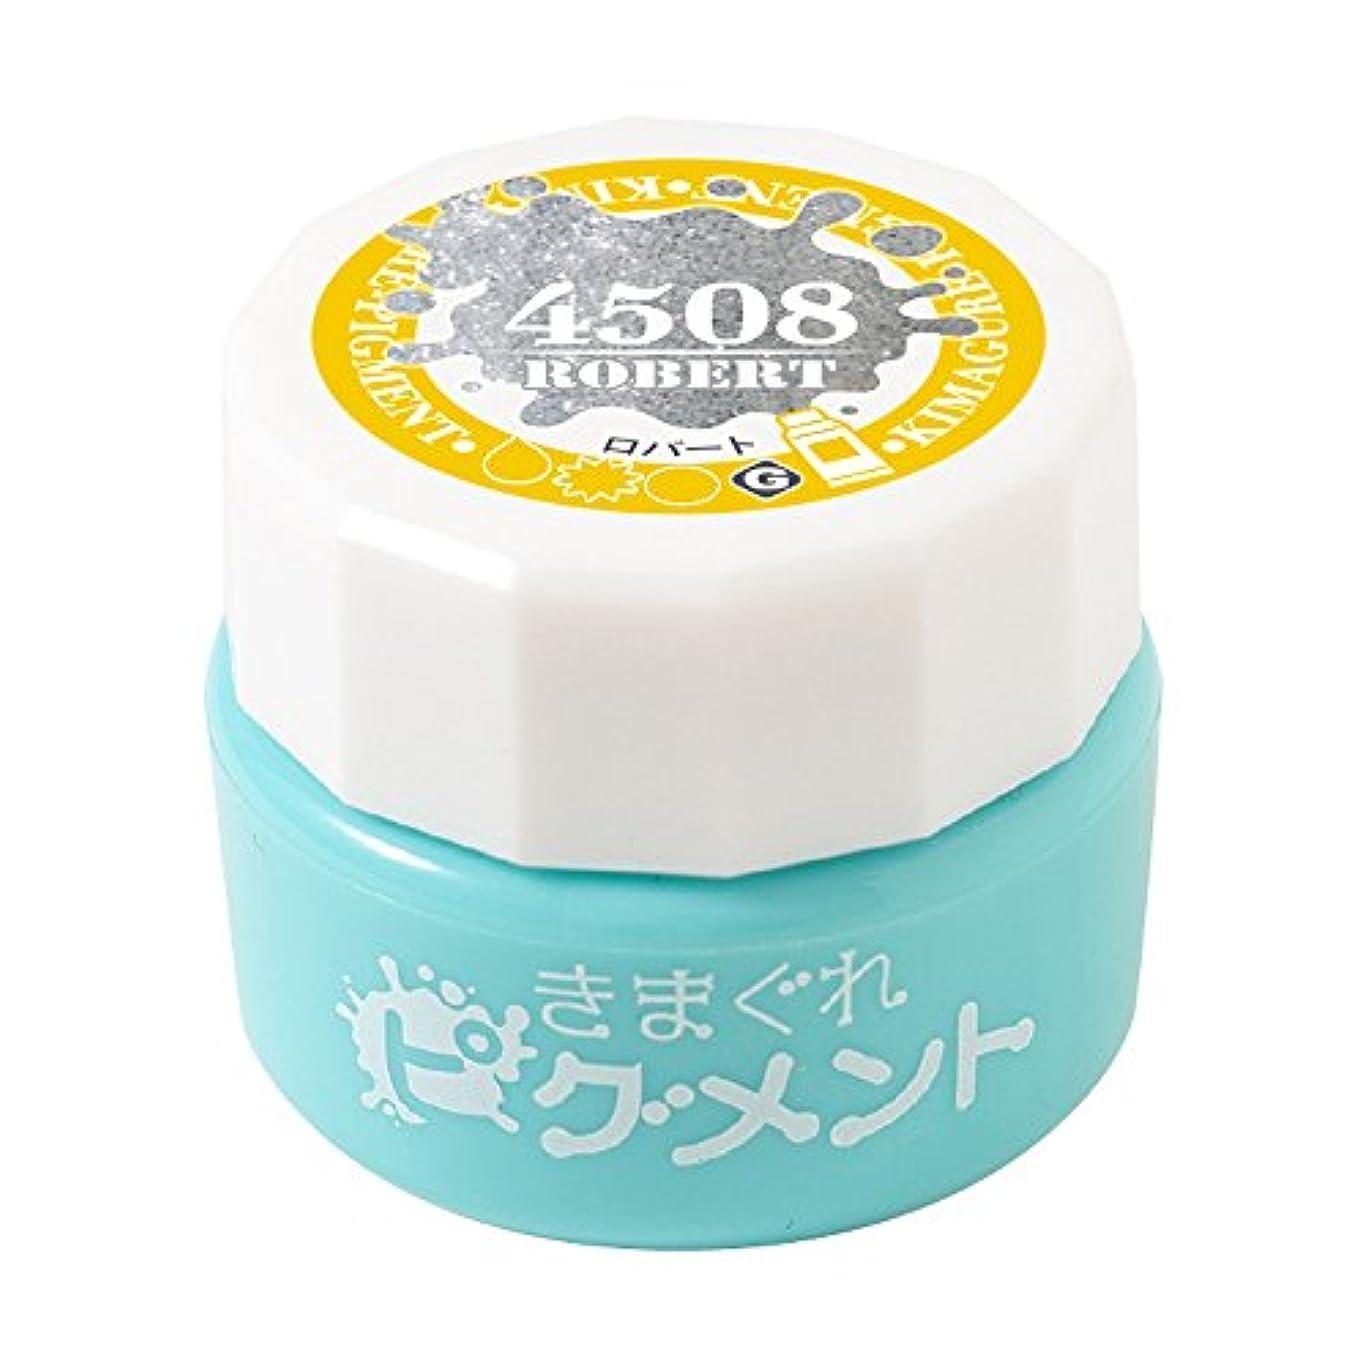 賞村喜劇Bettygel きまぐれピグメント ロバート QYJ-4508 4g UV/LED対応